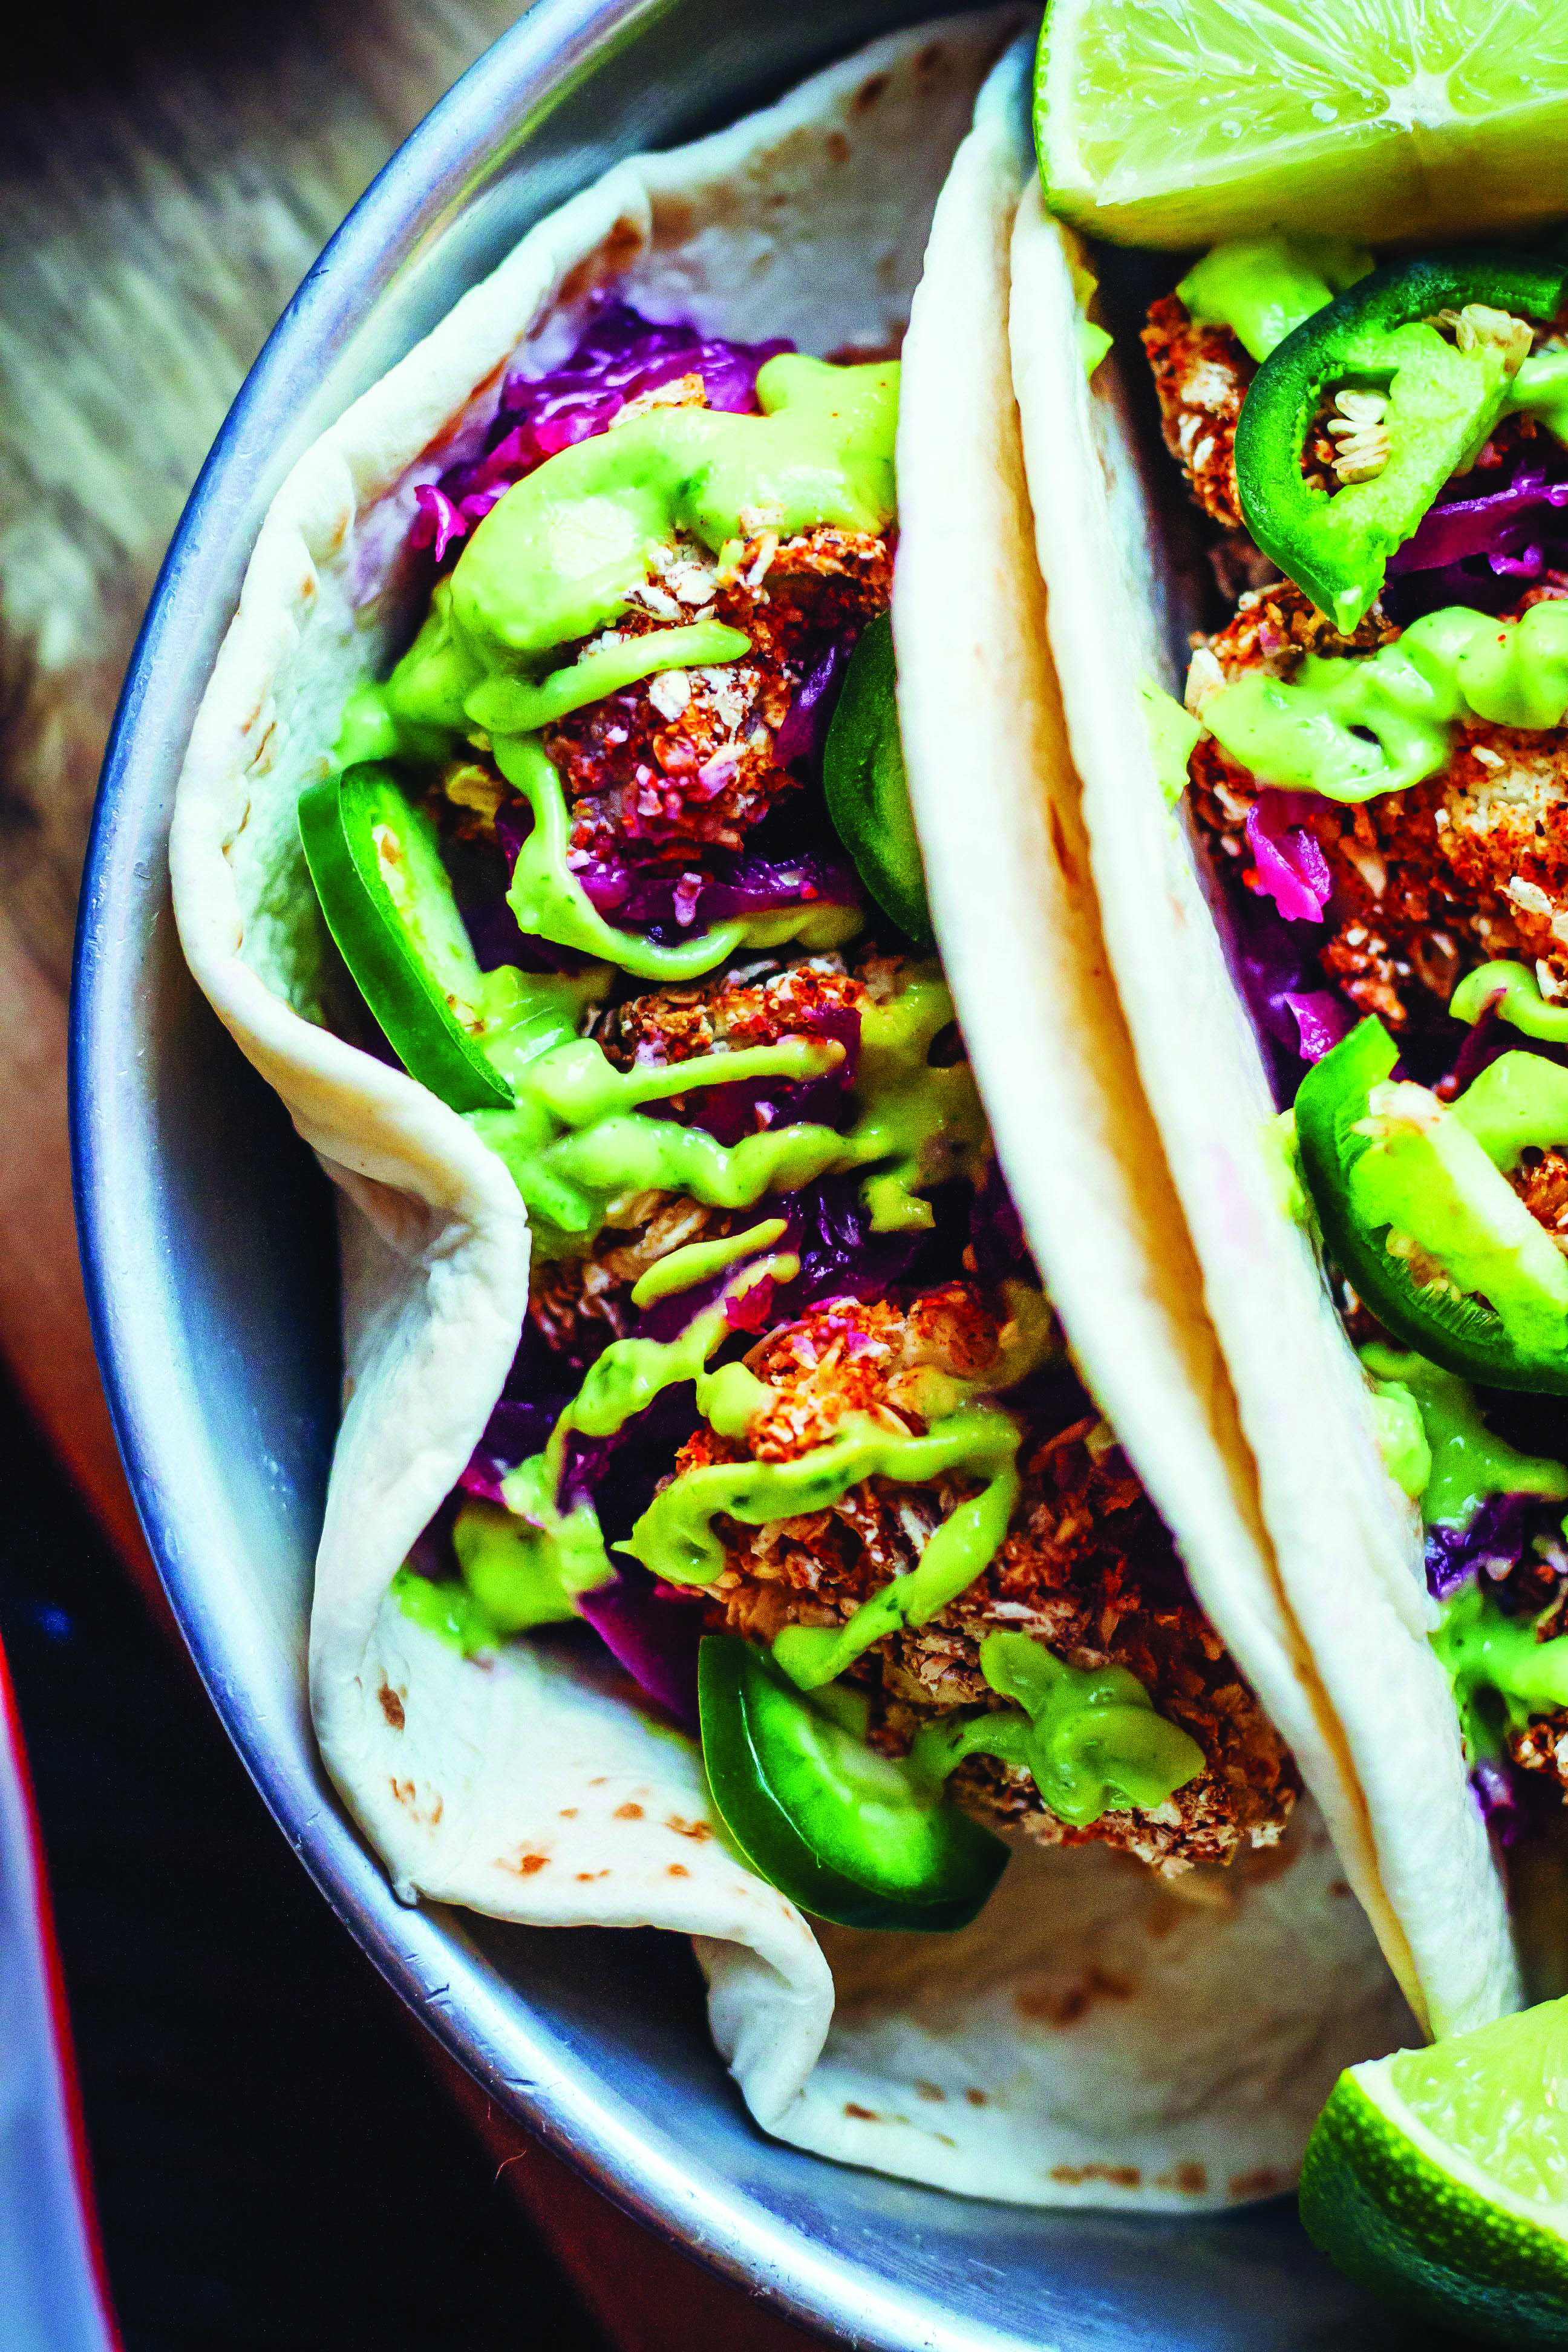 Ground Beef Tacos Dengan Gambar Vegetarian